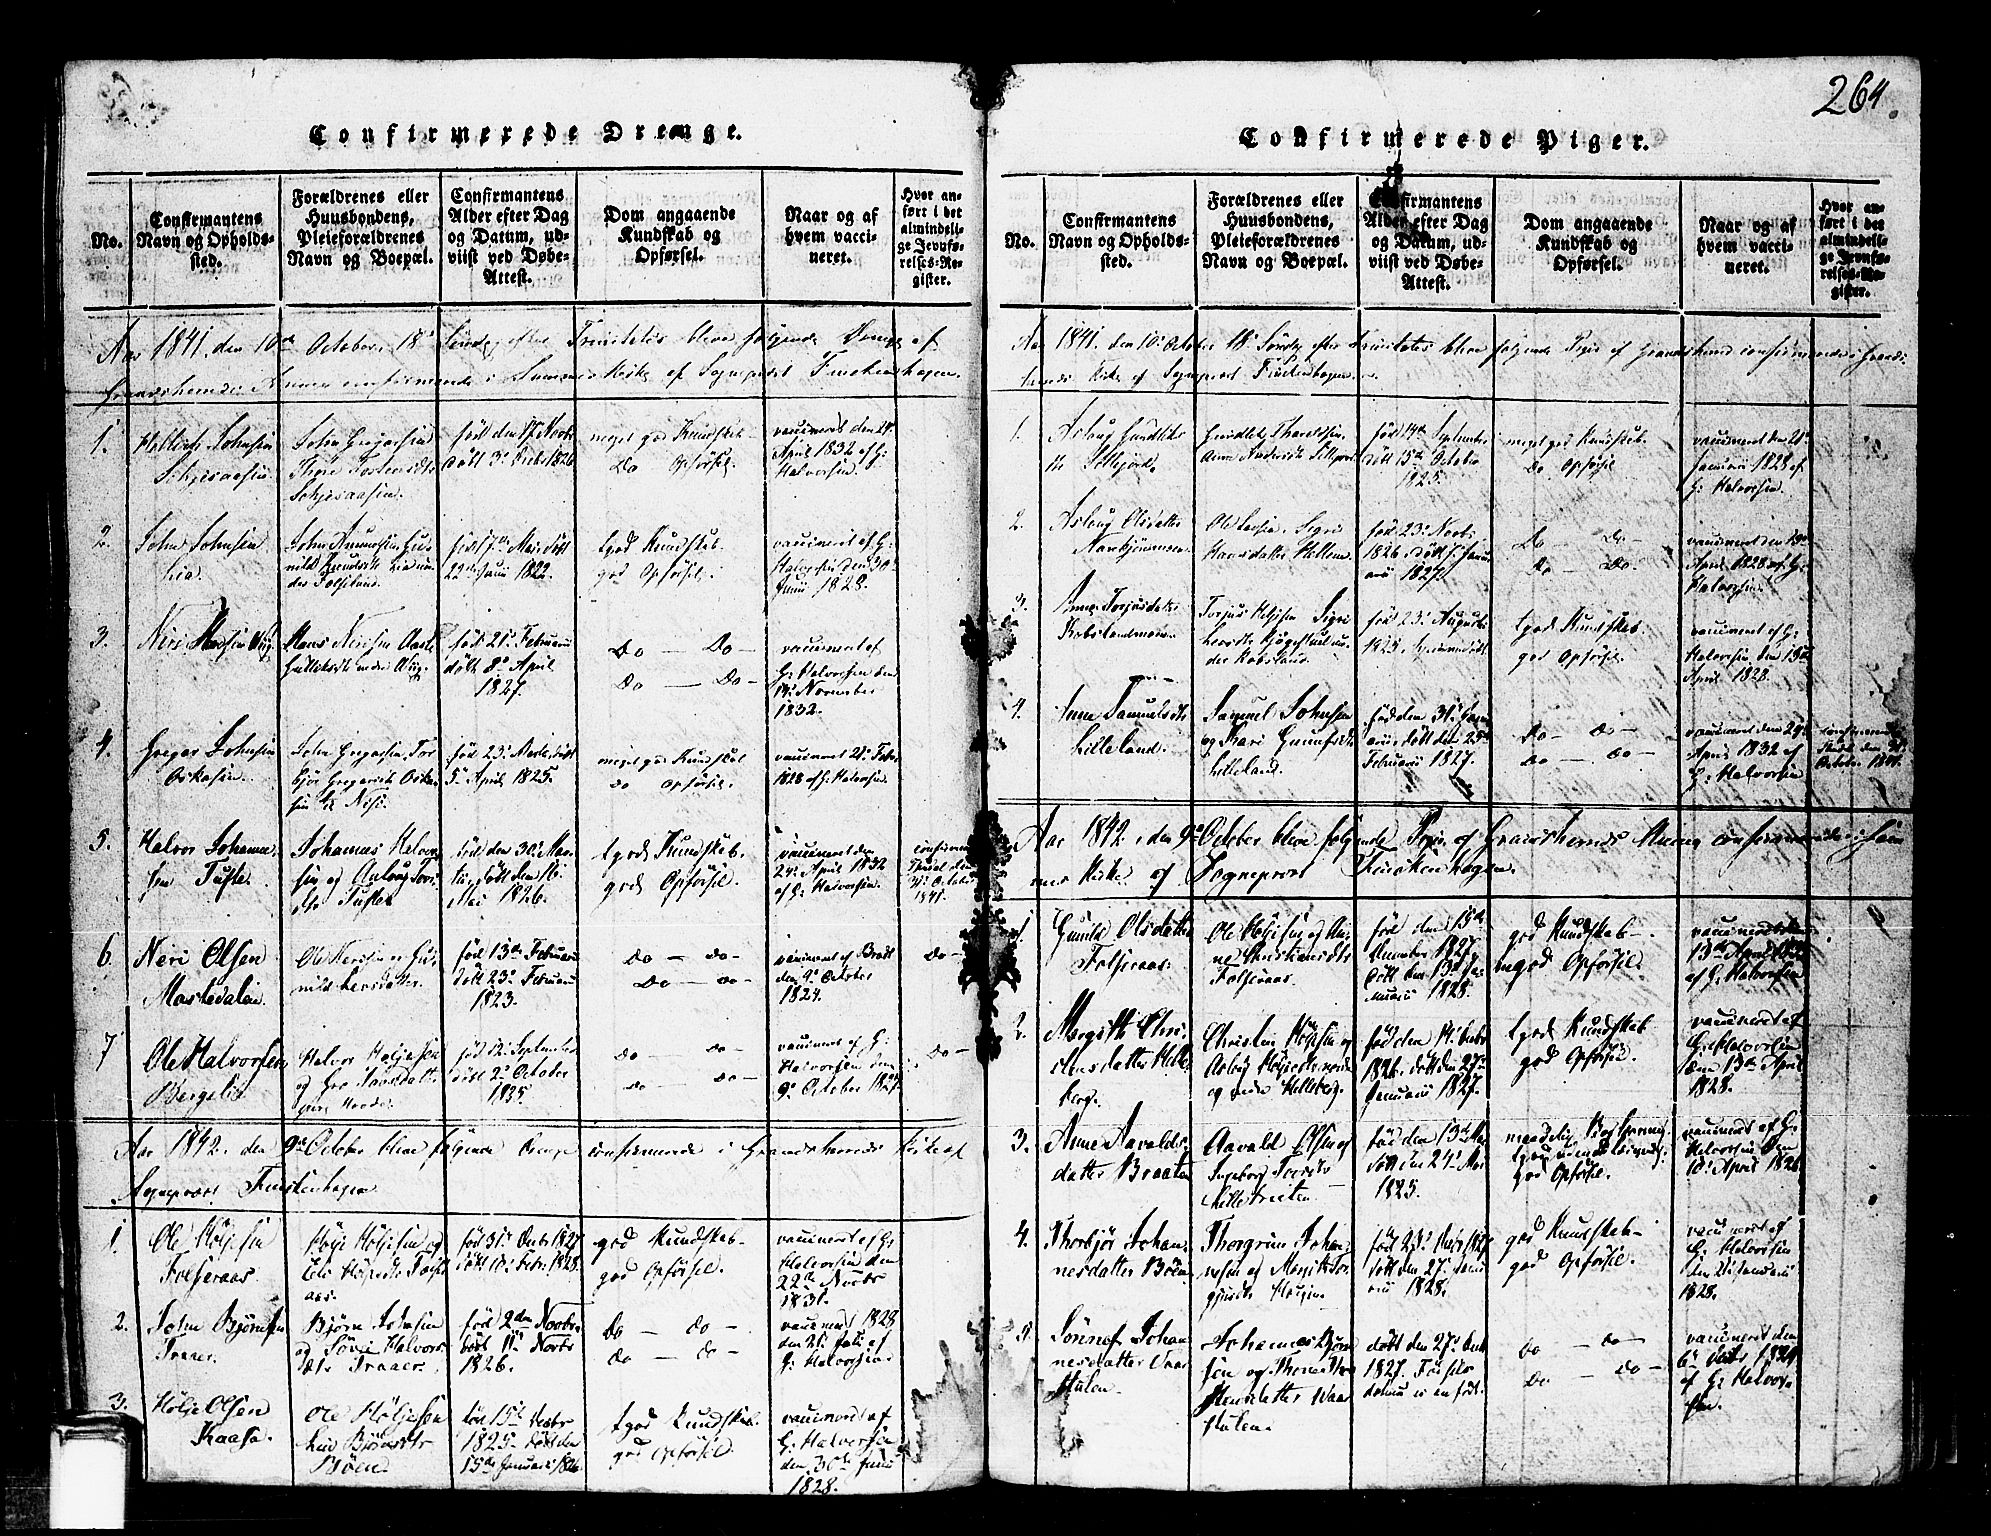 SAKO, Gransherad kirkebøker, F/Fa/L0001: Ministerialbok nr. I 1, 1815-1843, s. 264